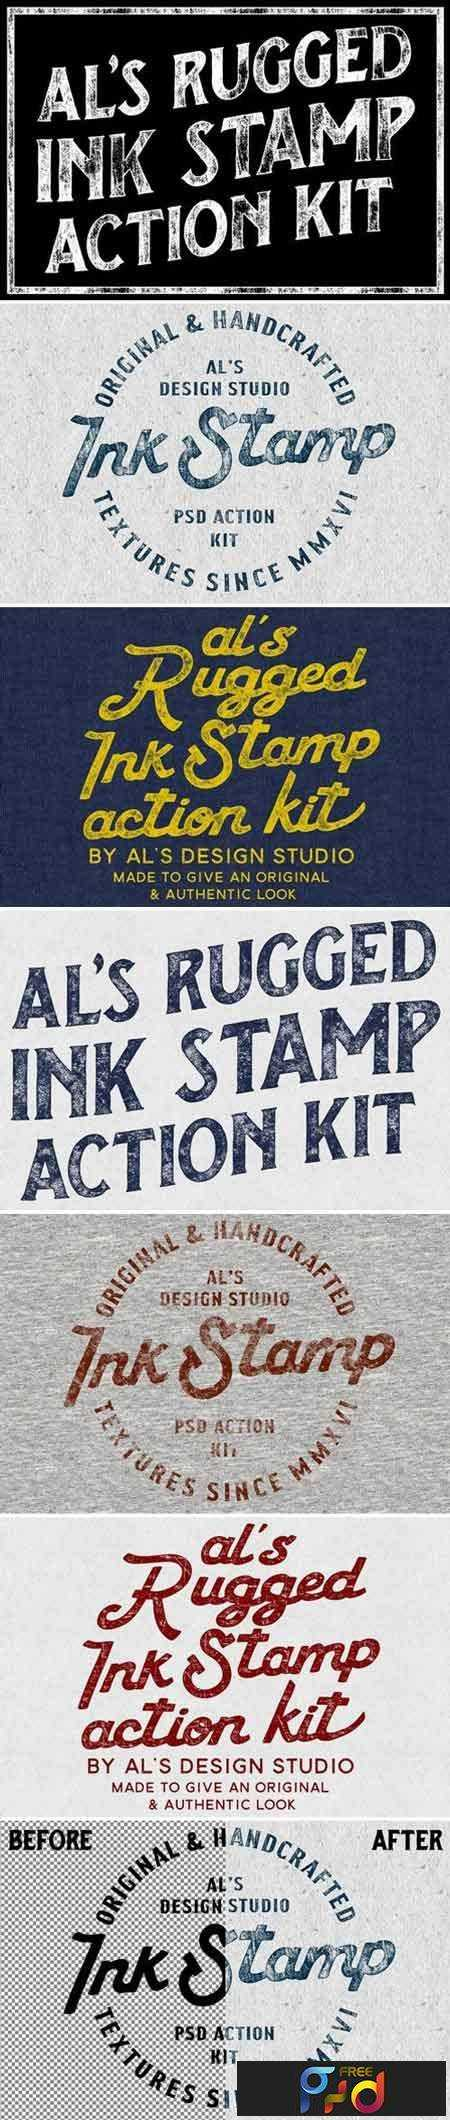 1707084 AL's Rugged Ink Stamp Action Kit 1936294 1